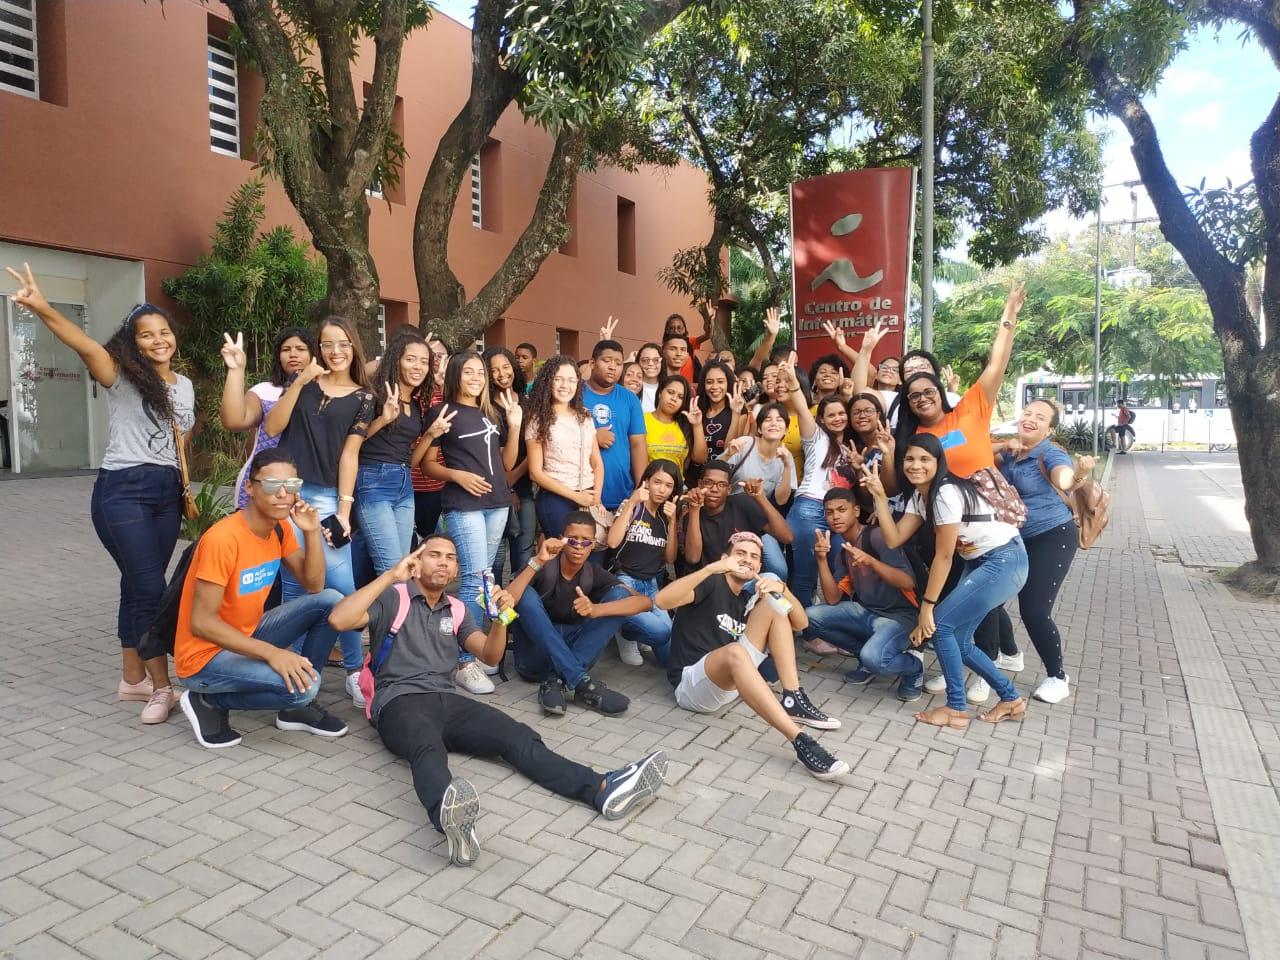 Estudantes e integrantes do PET-Informática em frente do Centro de Informática sorrindo e fazendo poses divertidas após uma visita.